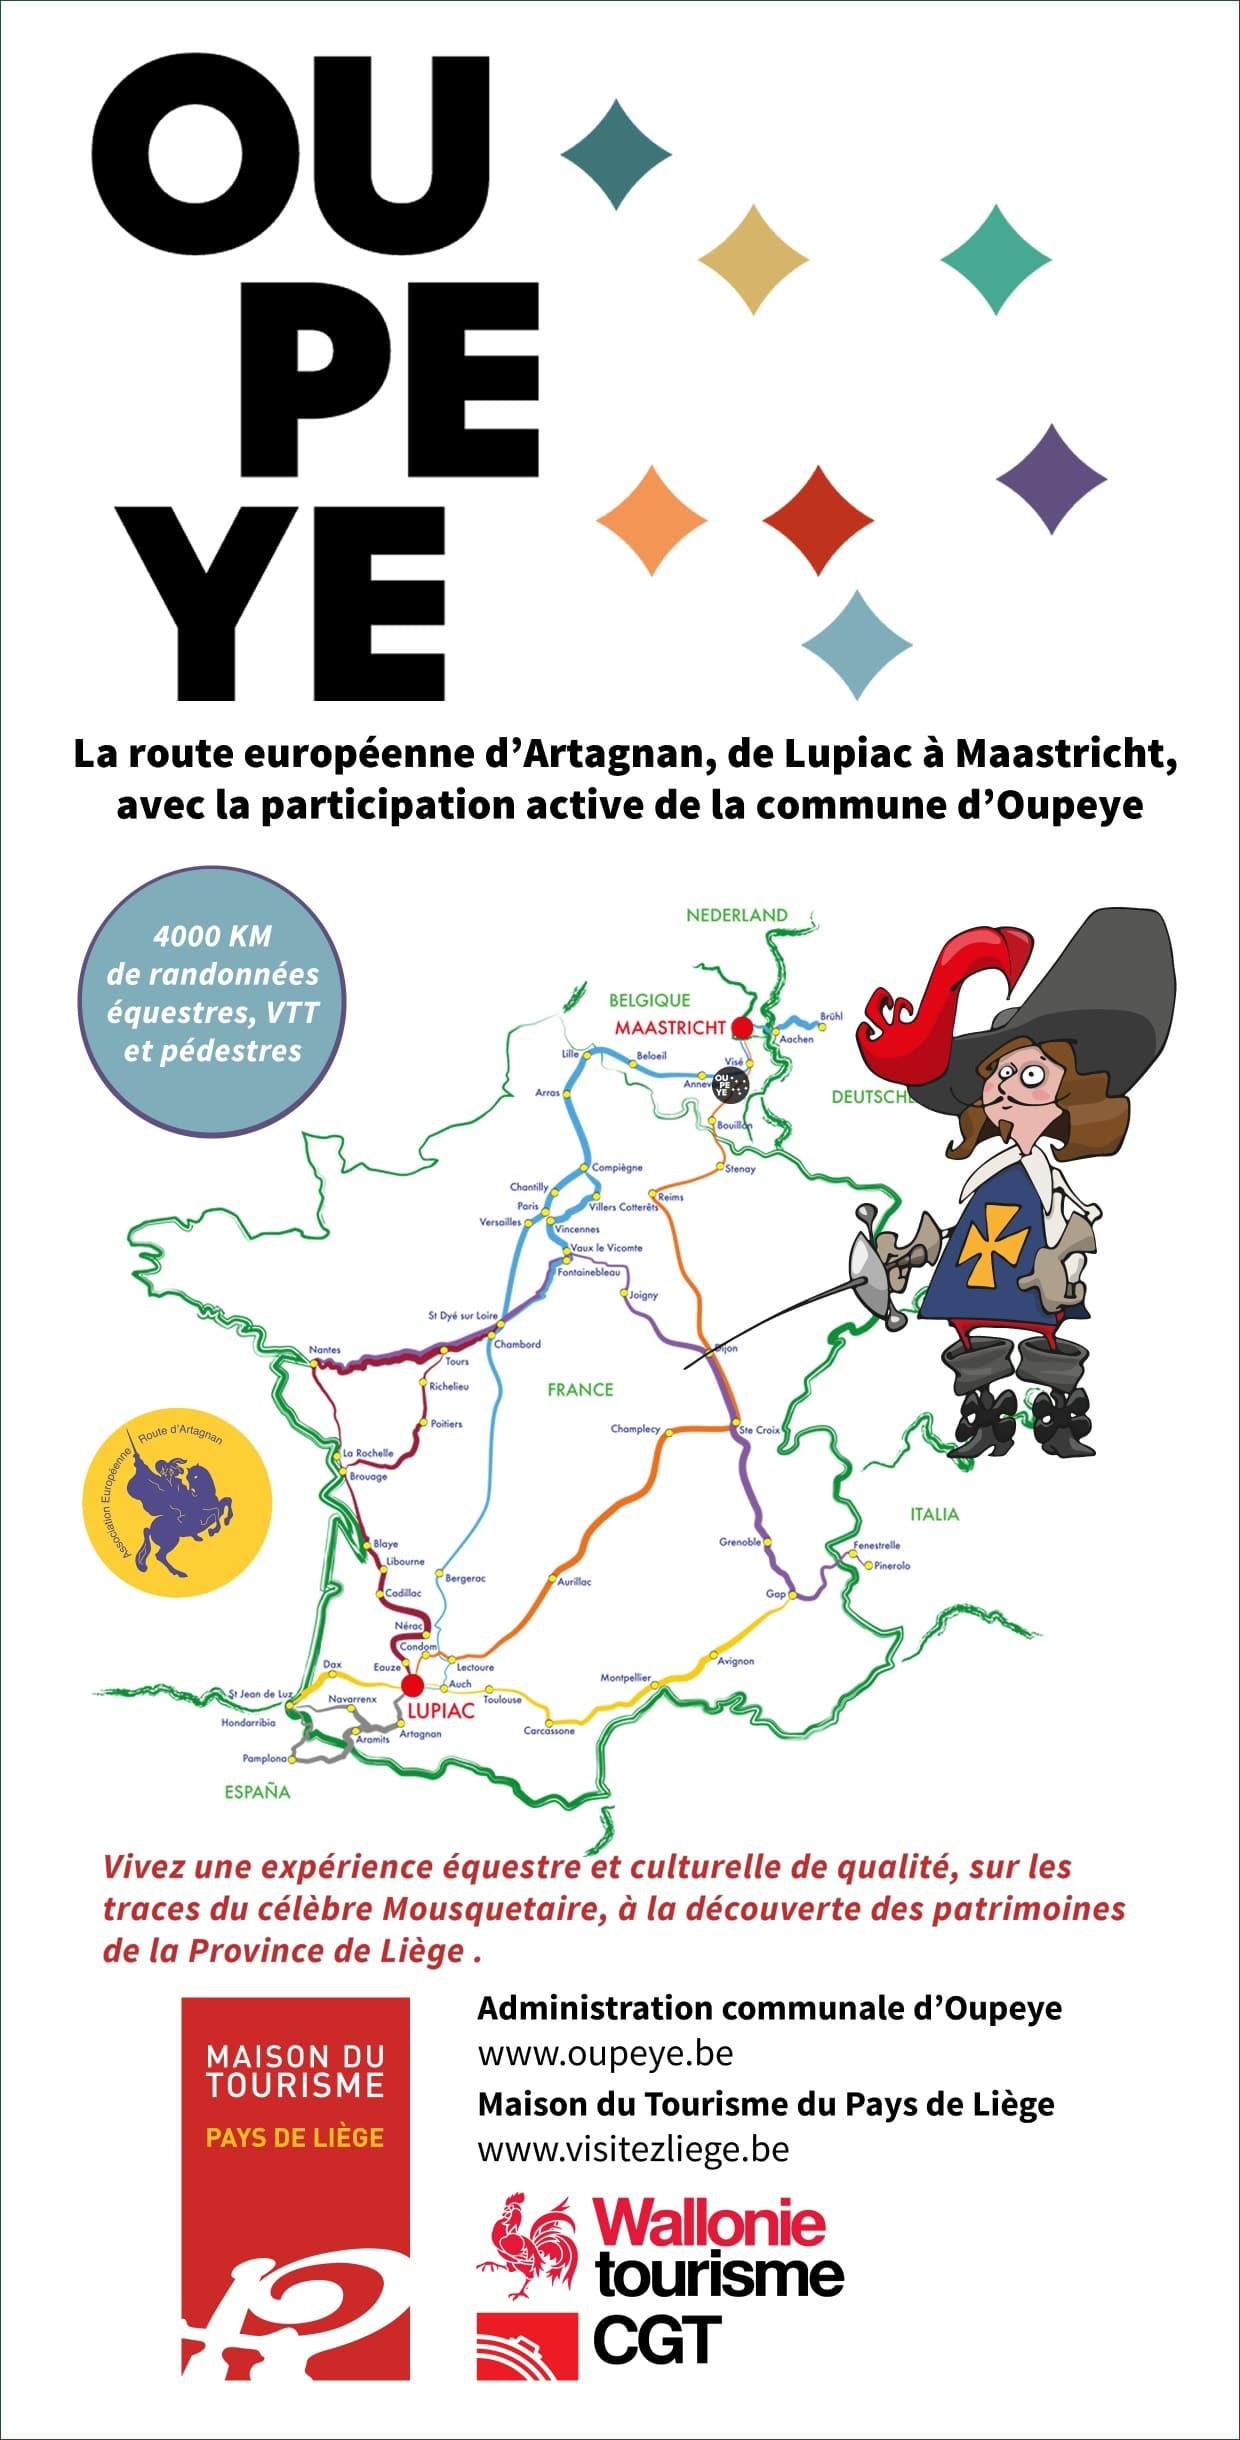 La route d'Artagnan